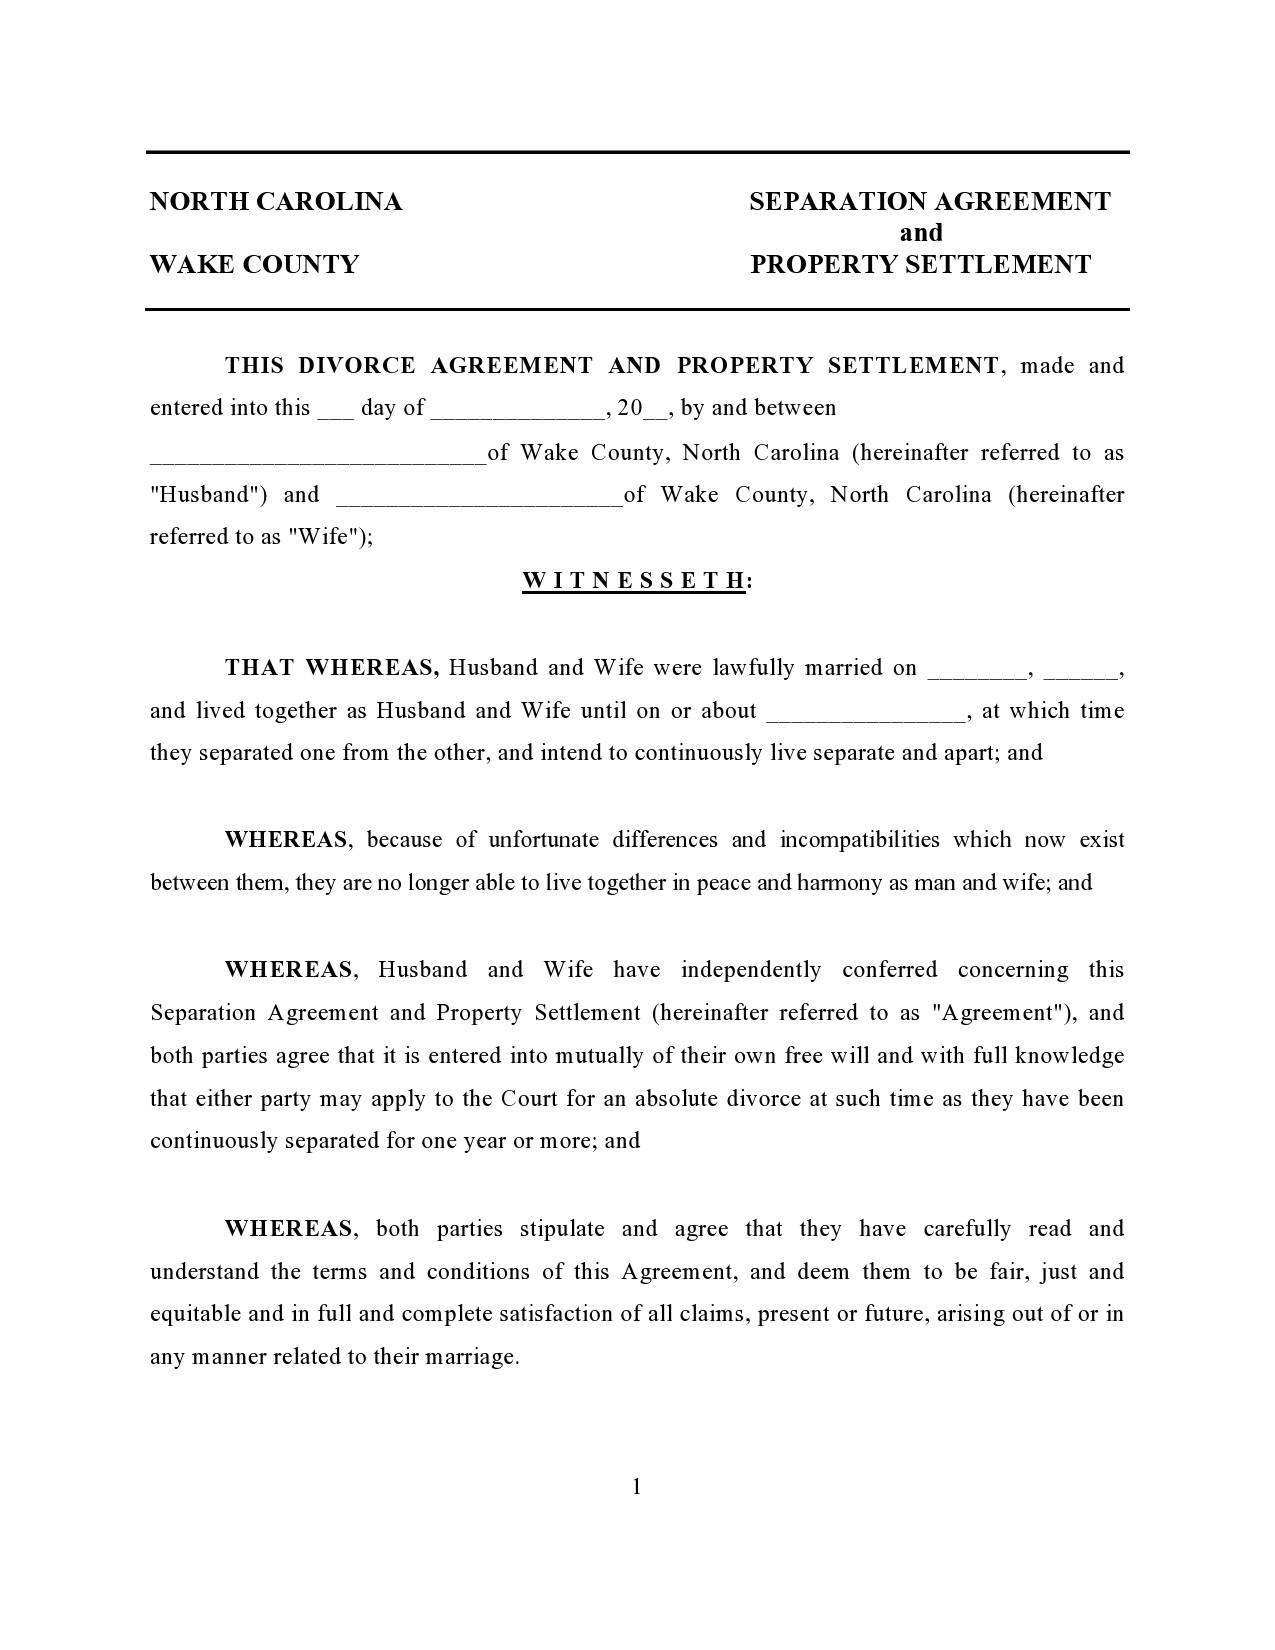 Free marital settlement agreement 46